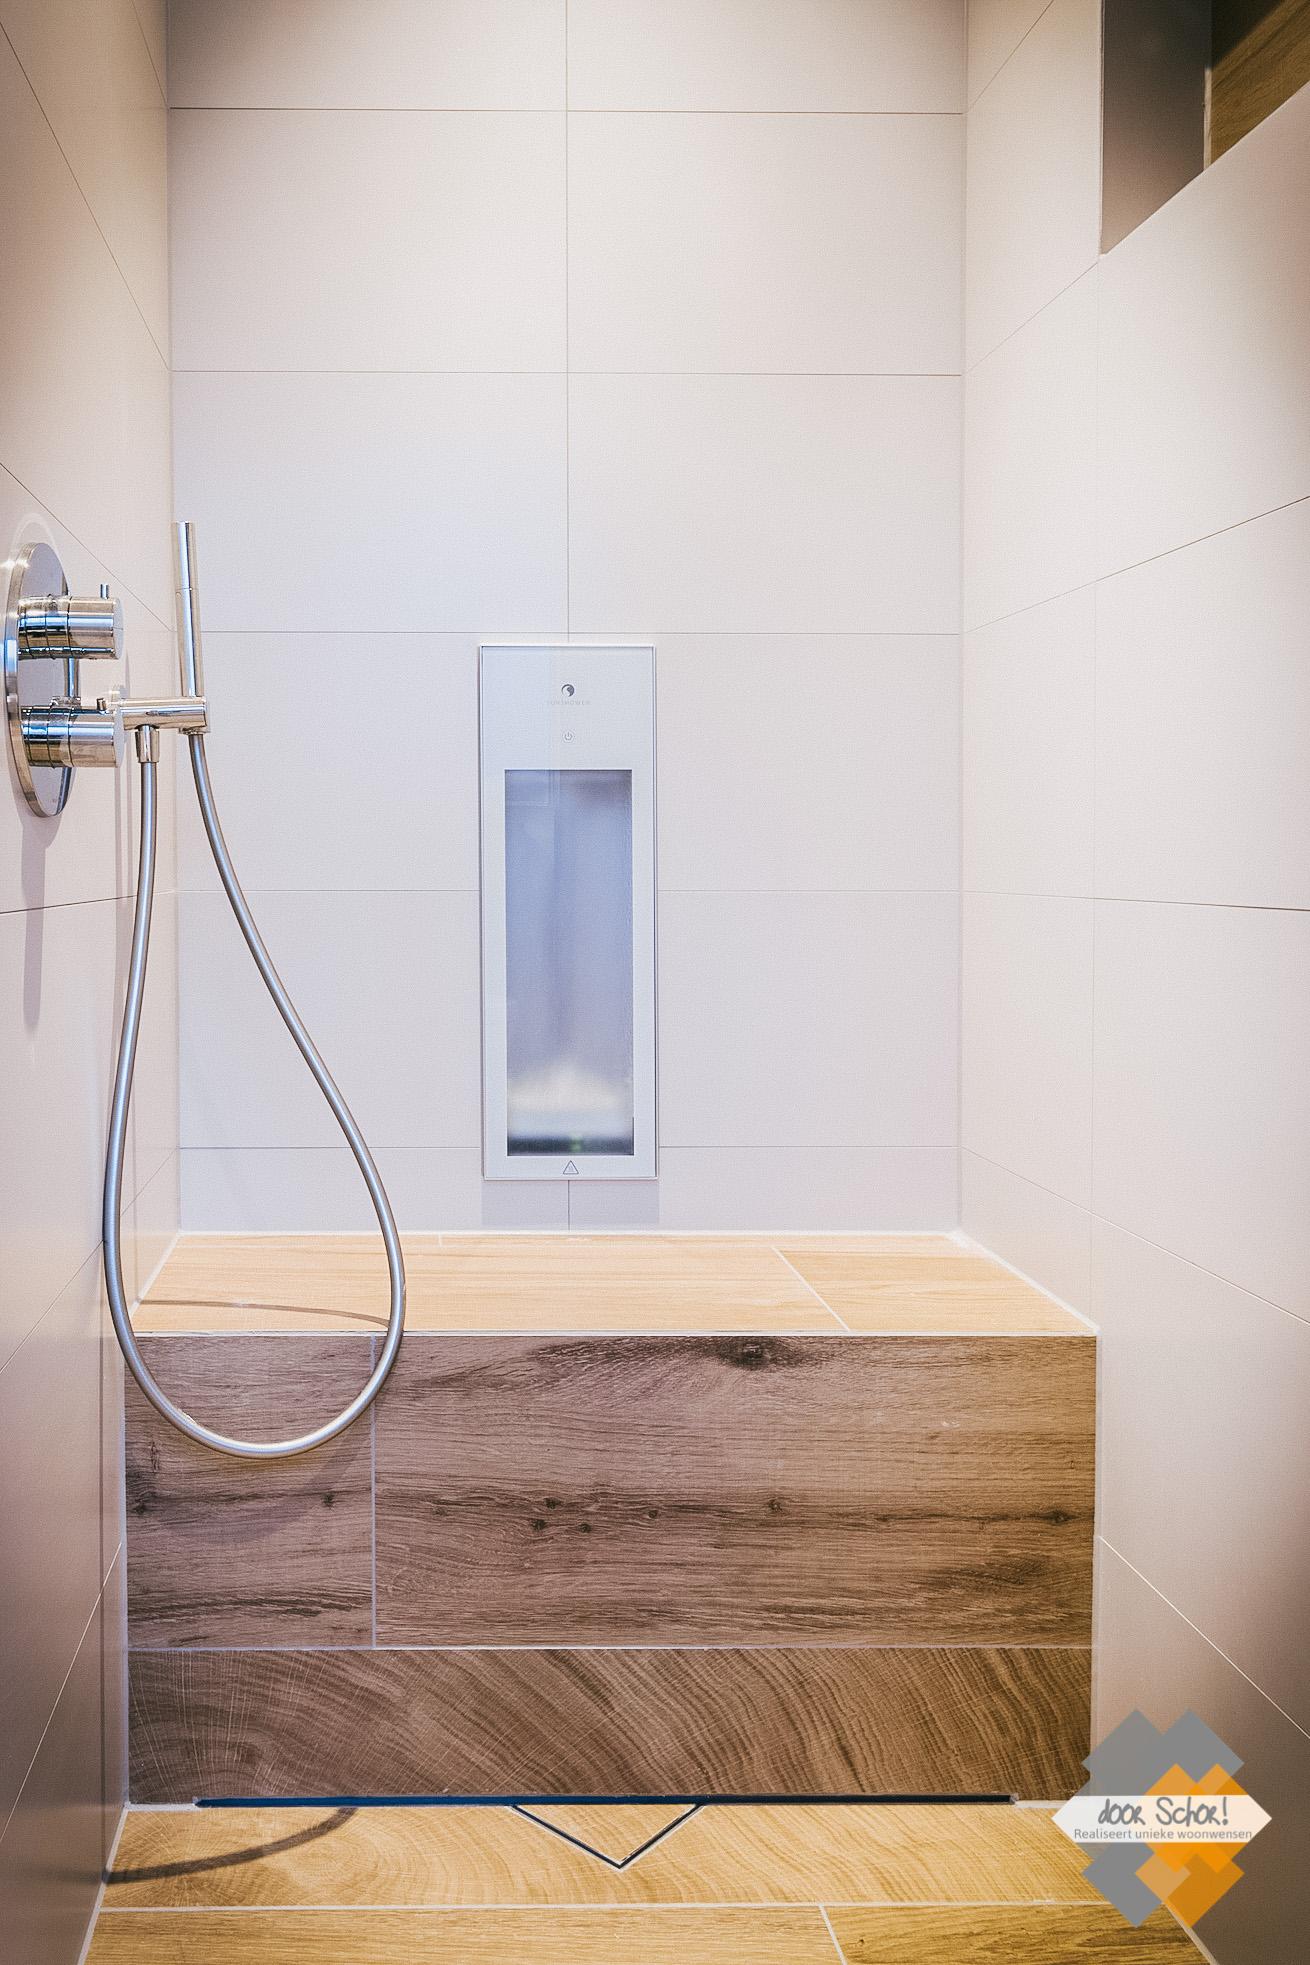 Badkamer inspiratie van doorSchor! De badkamerspecialist in Zeewolde